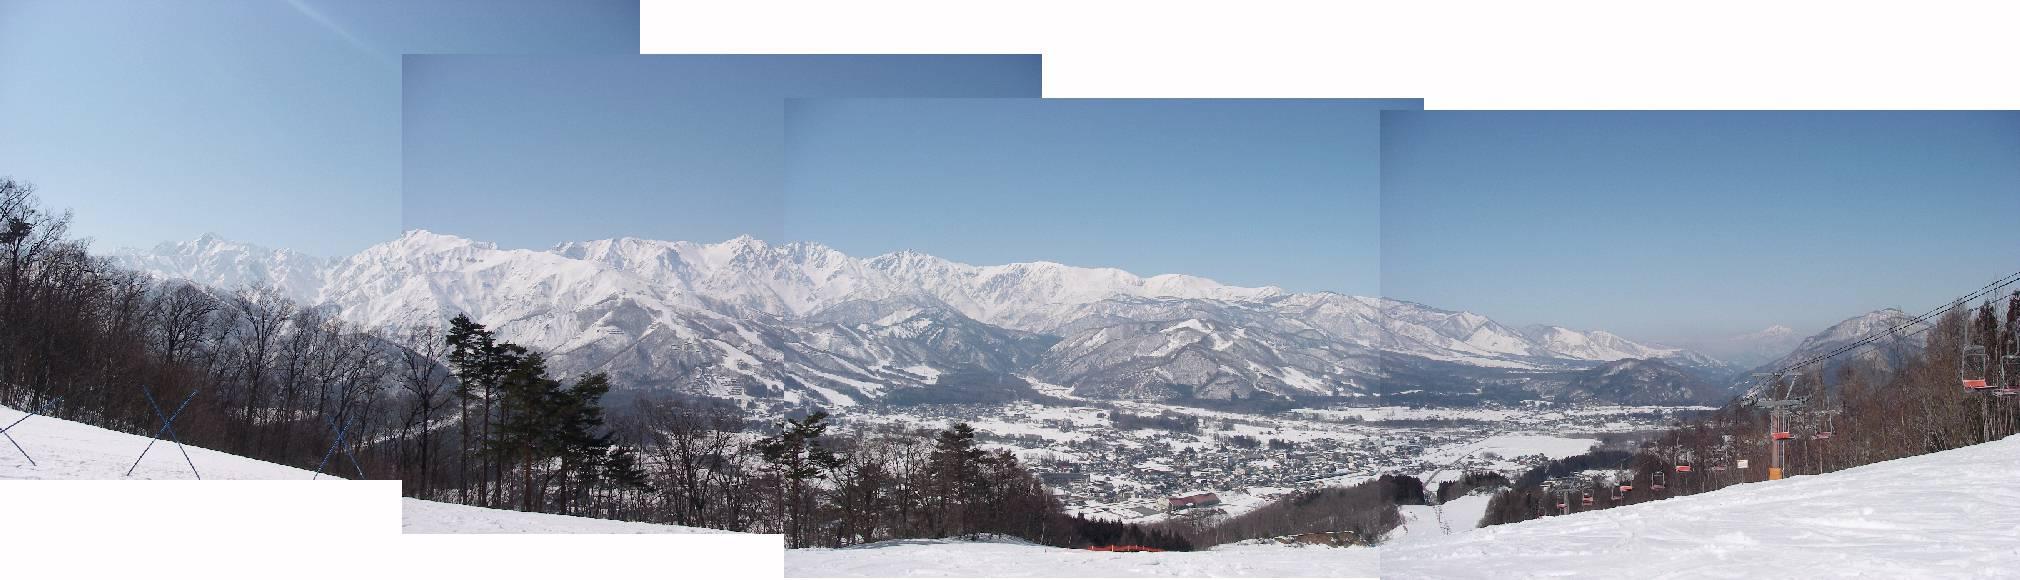 20080315b17.jpg